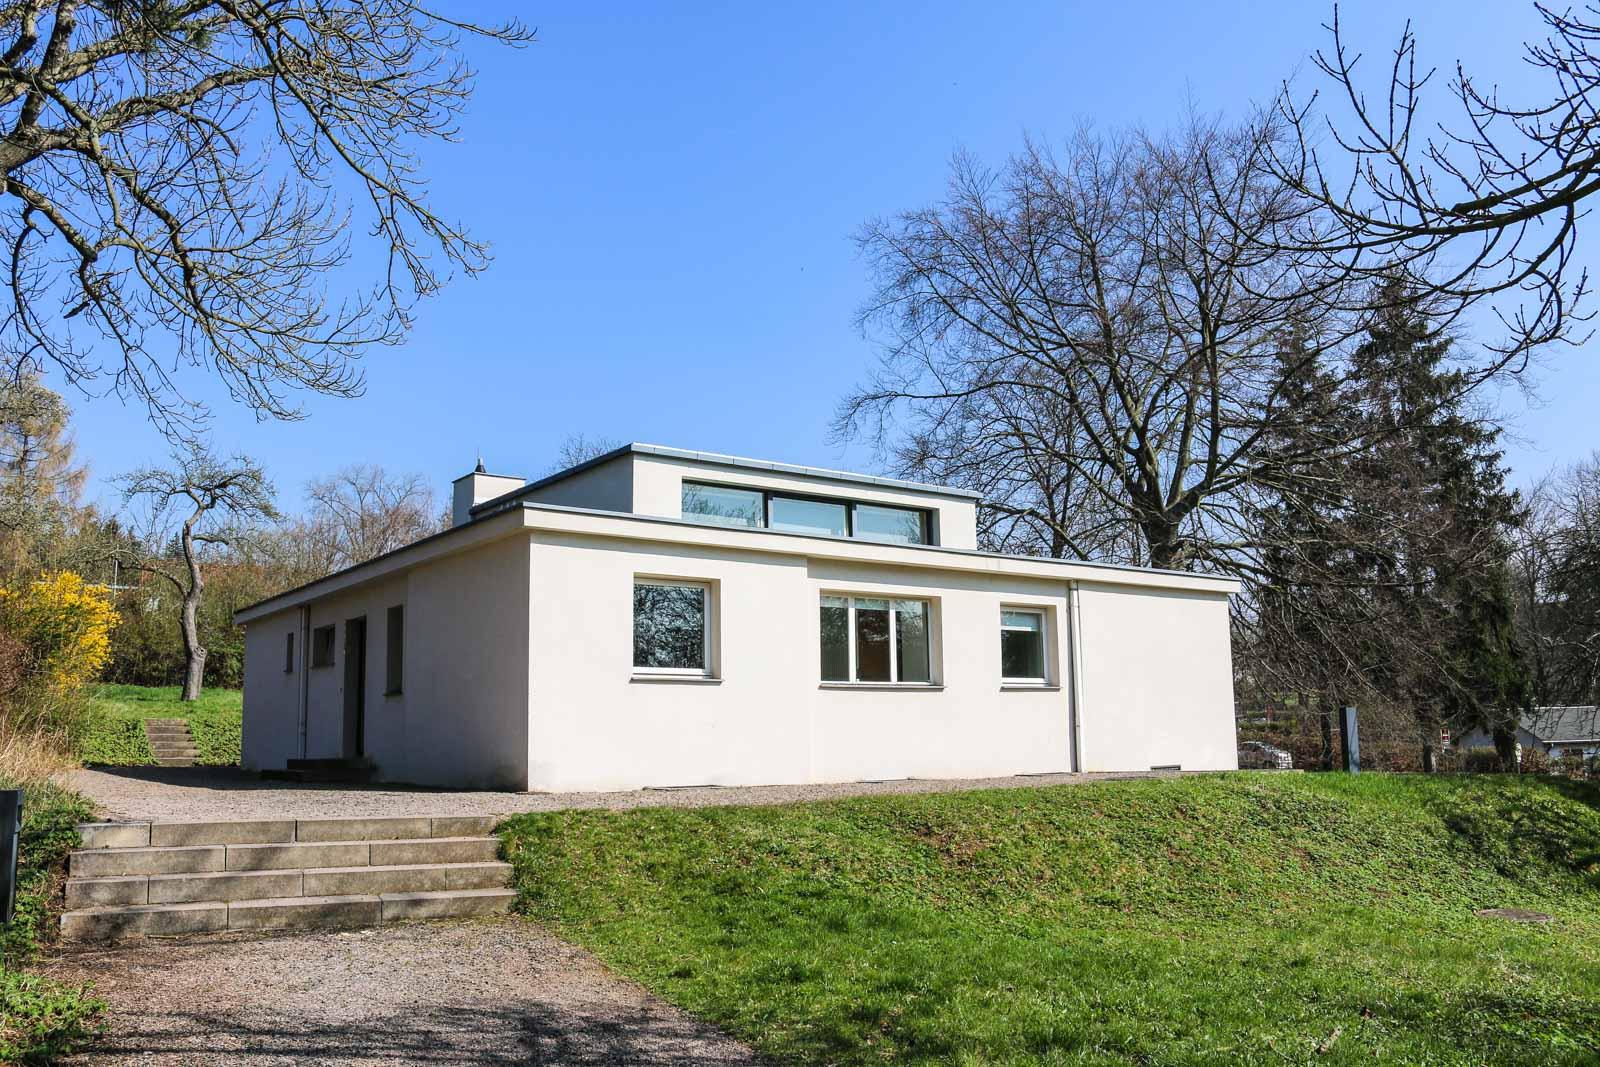 Weimar Geheimtipps Bauhaus